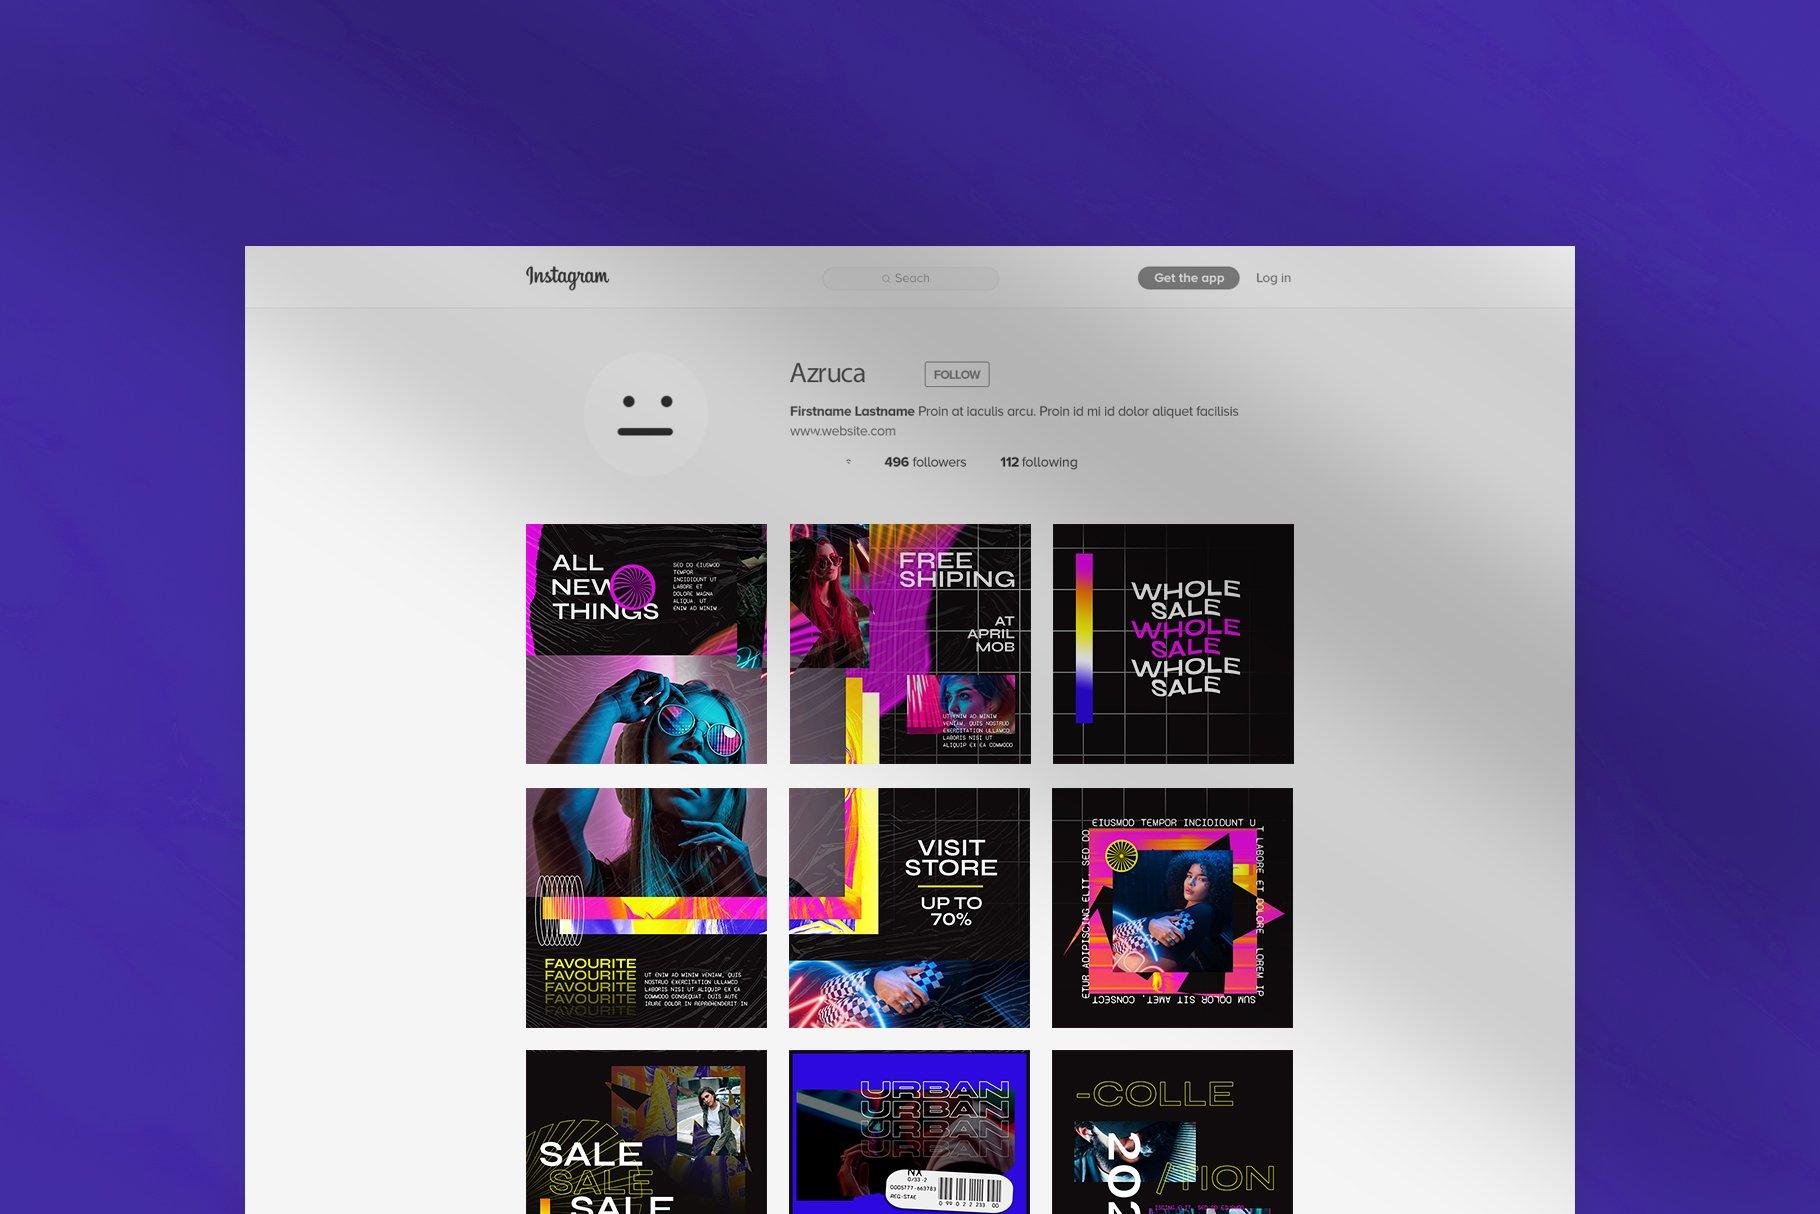 潮流品牌推广新媒体海报设计PSD模板 Hype Content Puzzle Instagram Feed插图(3)